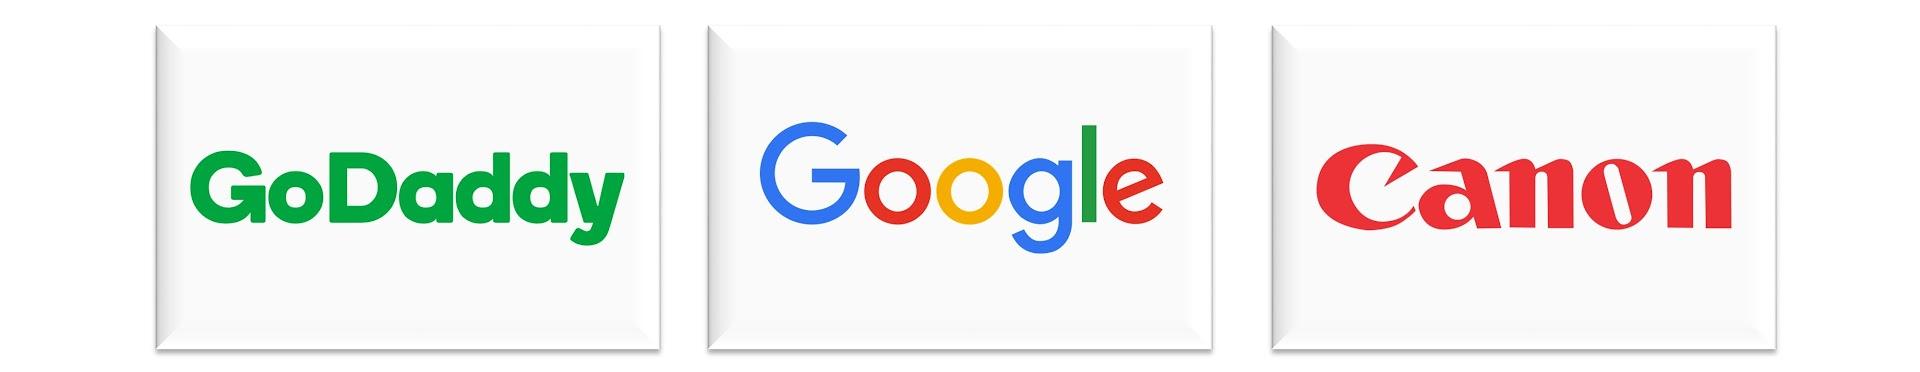 logo-Sans-serif-fonts